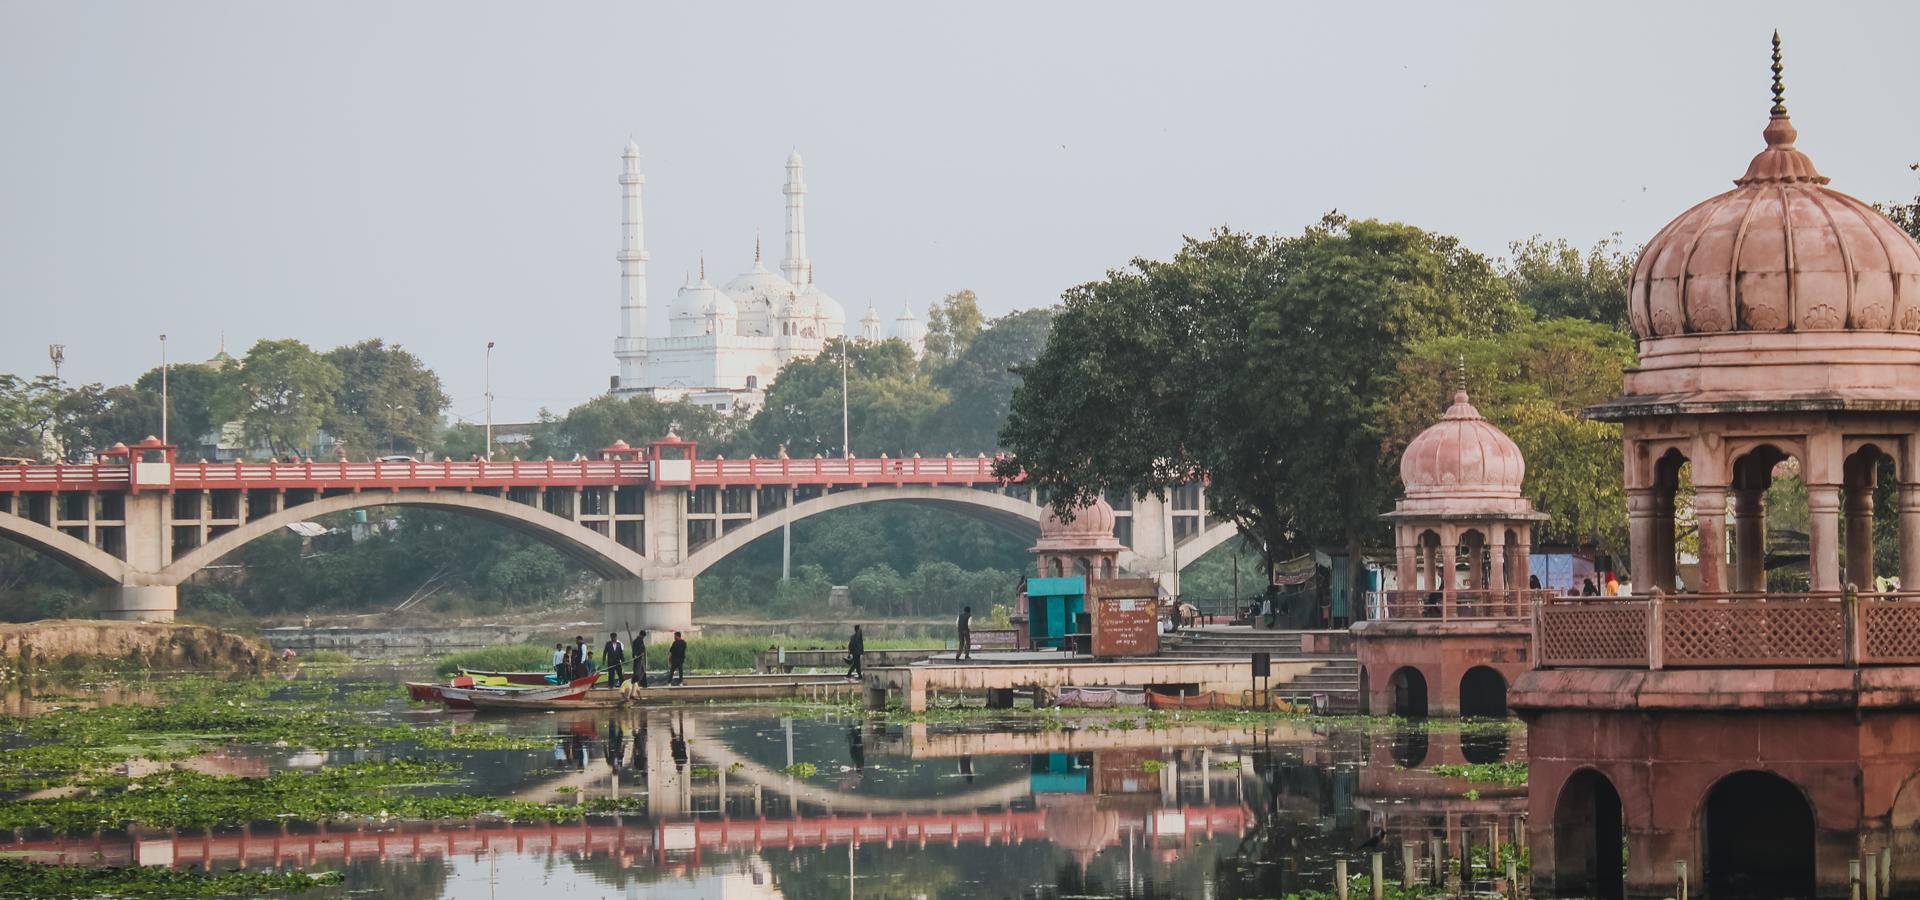 <b>Asia/Kolkata/Uttar_Pradesh</b>